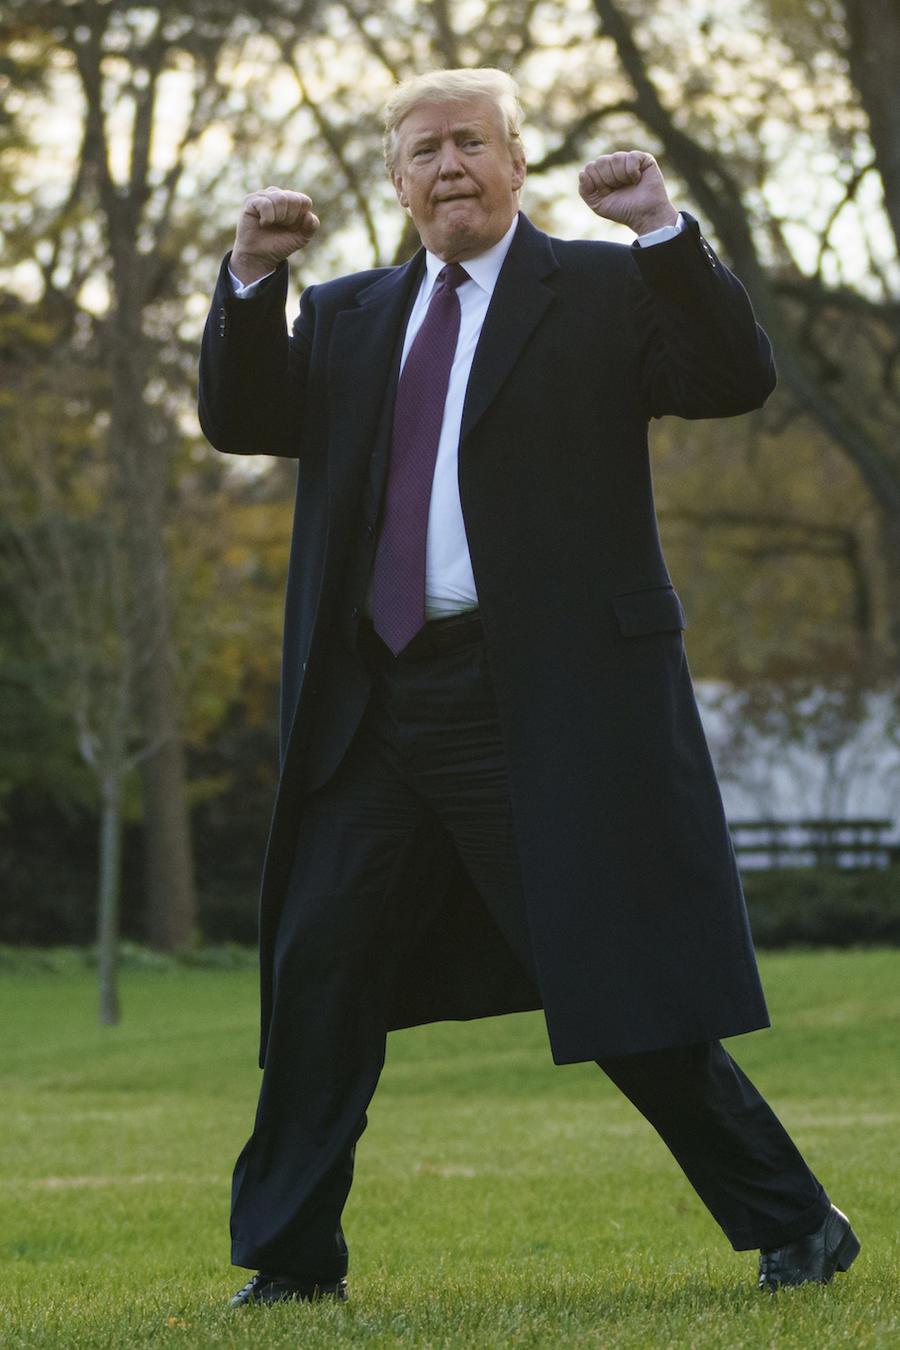 Donald TrumpTrump, este martes en la Casa Blanca antes de volar hacia Florida para sus vacaciones de Acción de Gracias.